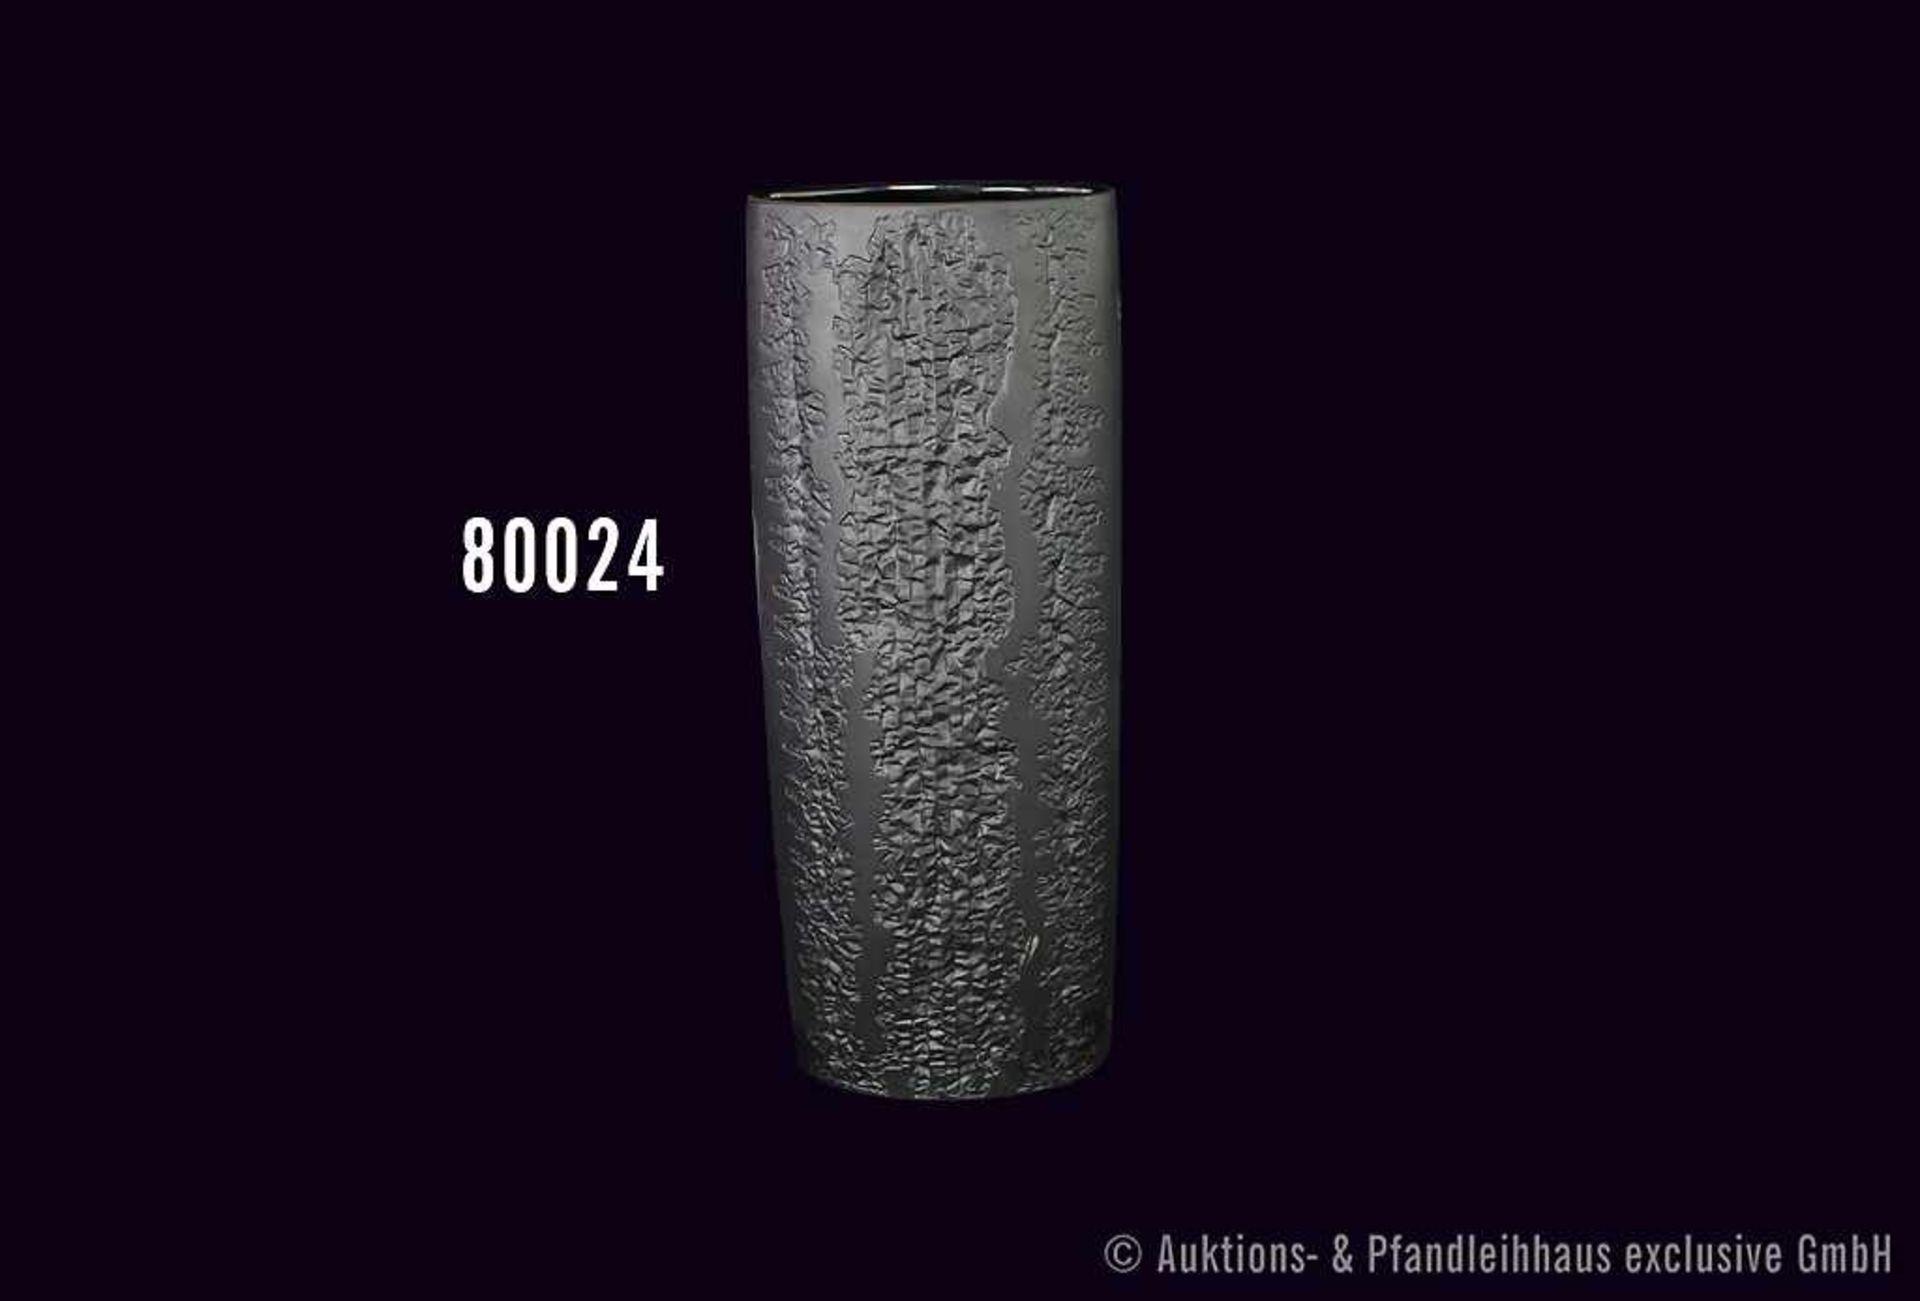 Rosenthal Porzellan Vase, schwarz mit Reliefmuster, H 40 cm, Entwurf Martin Freyer, 3080/38, sehr